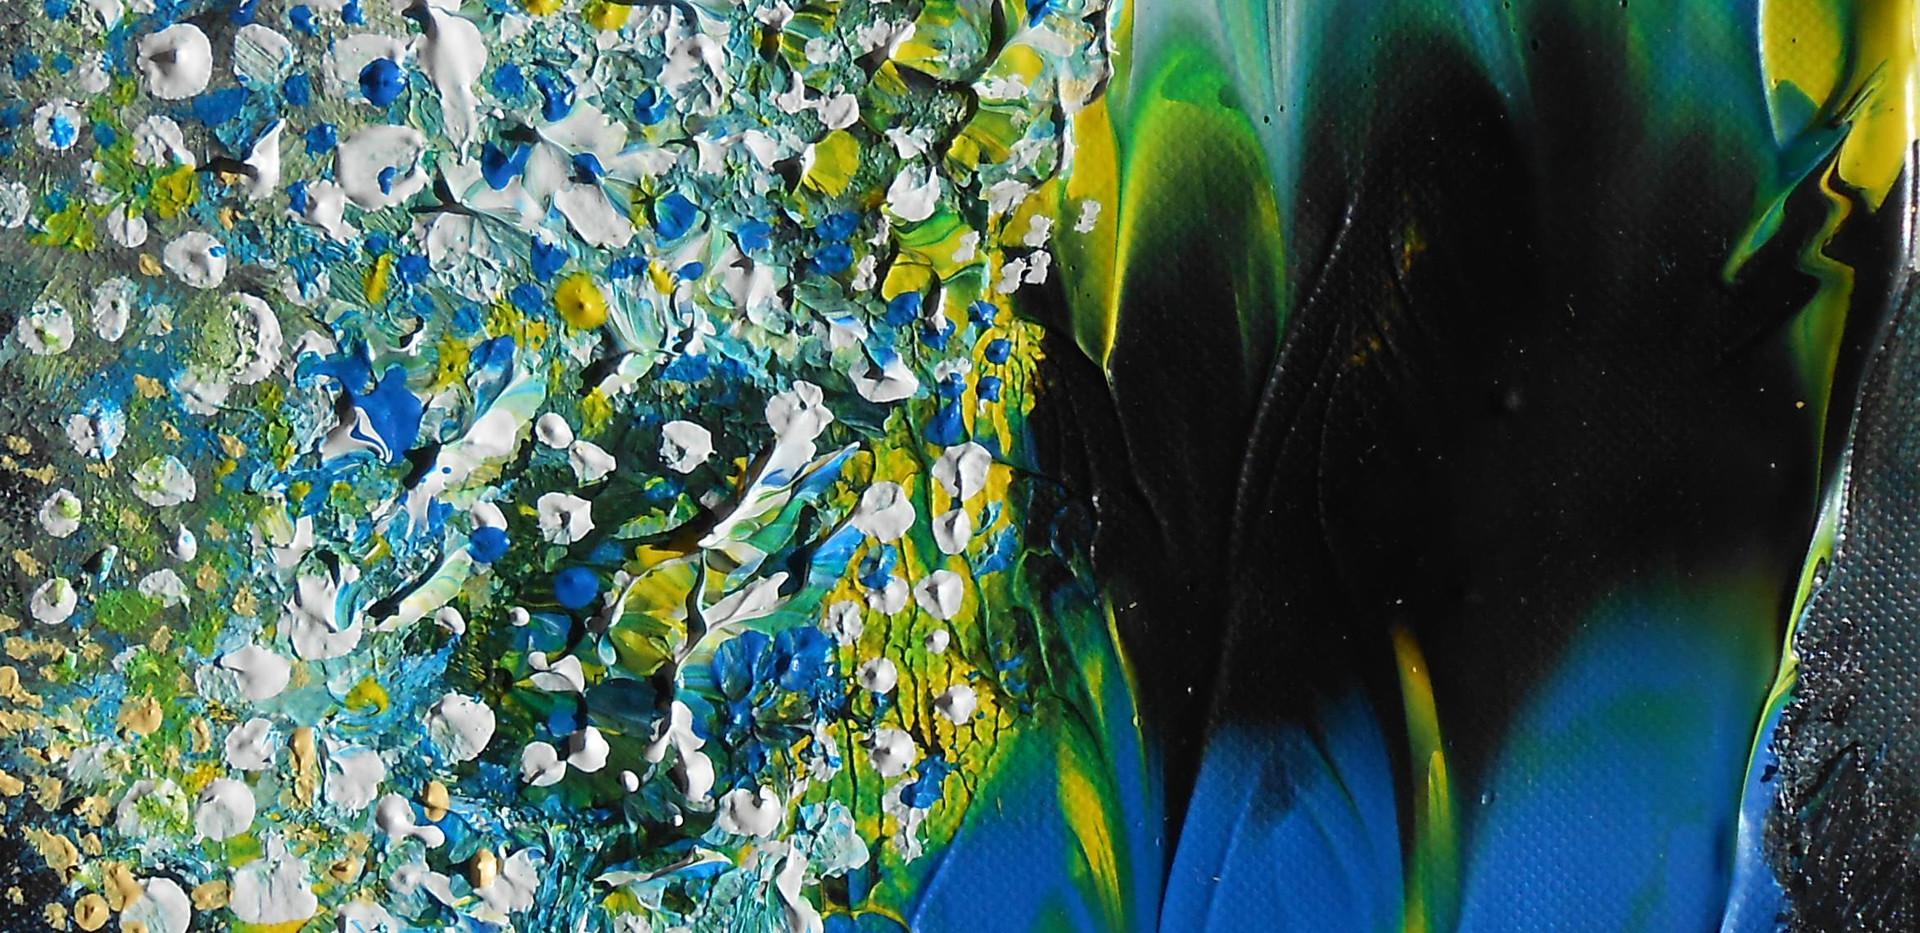 Series Patagonian Petals